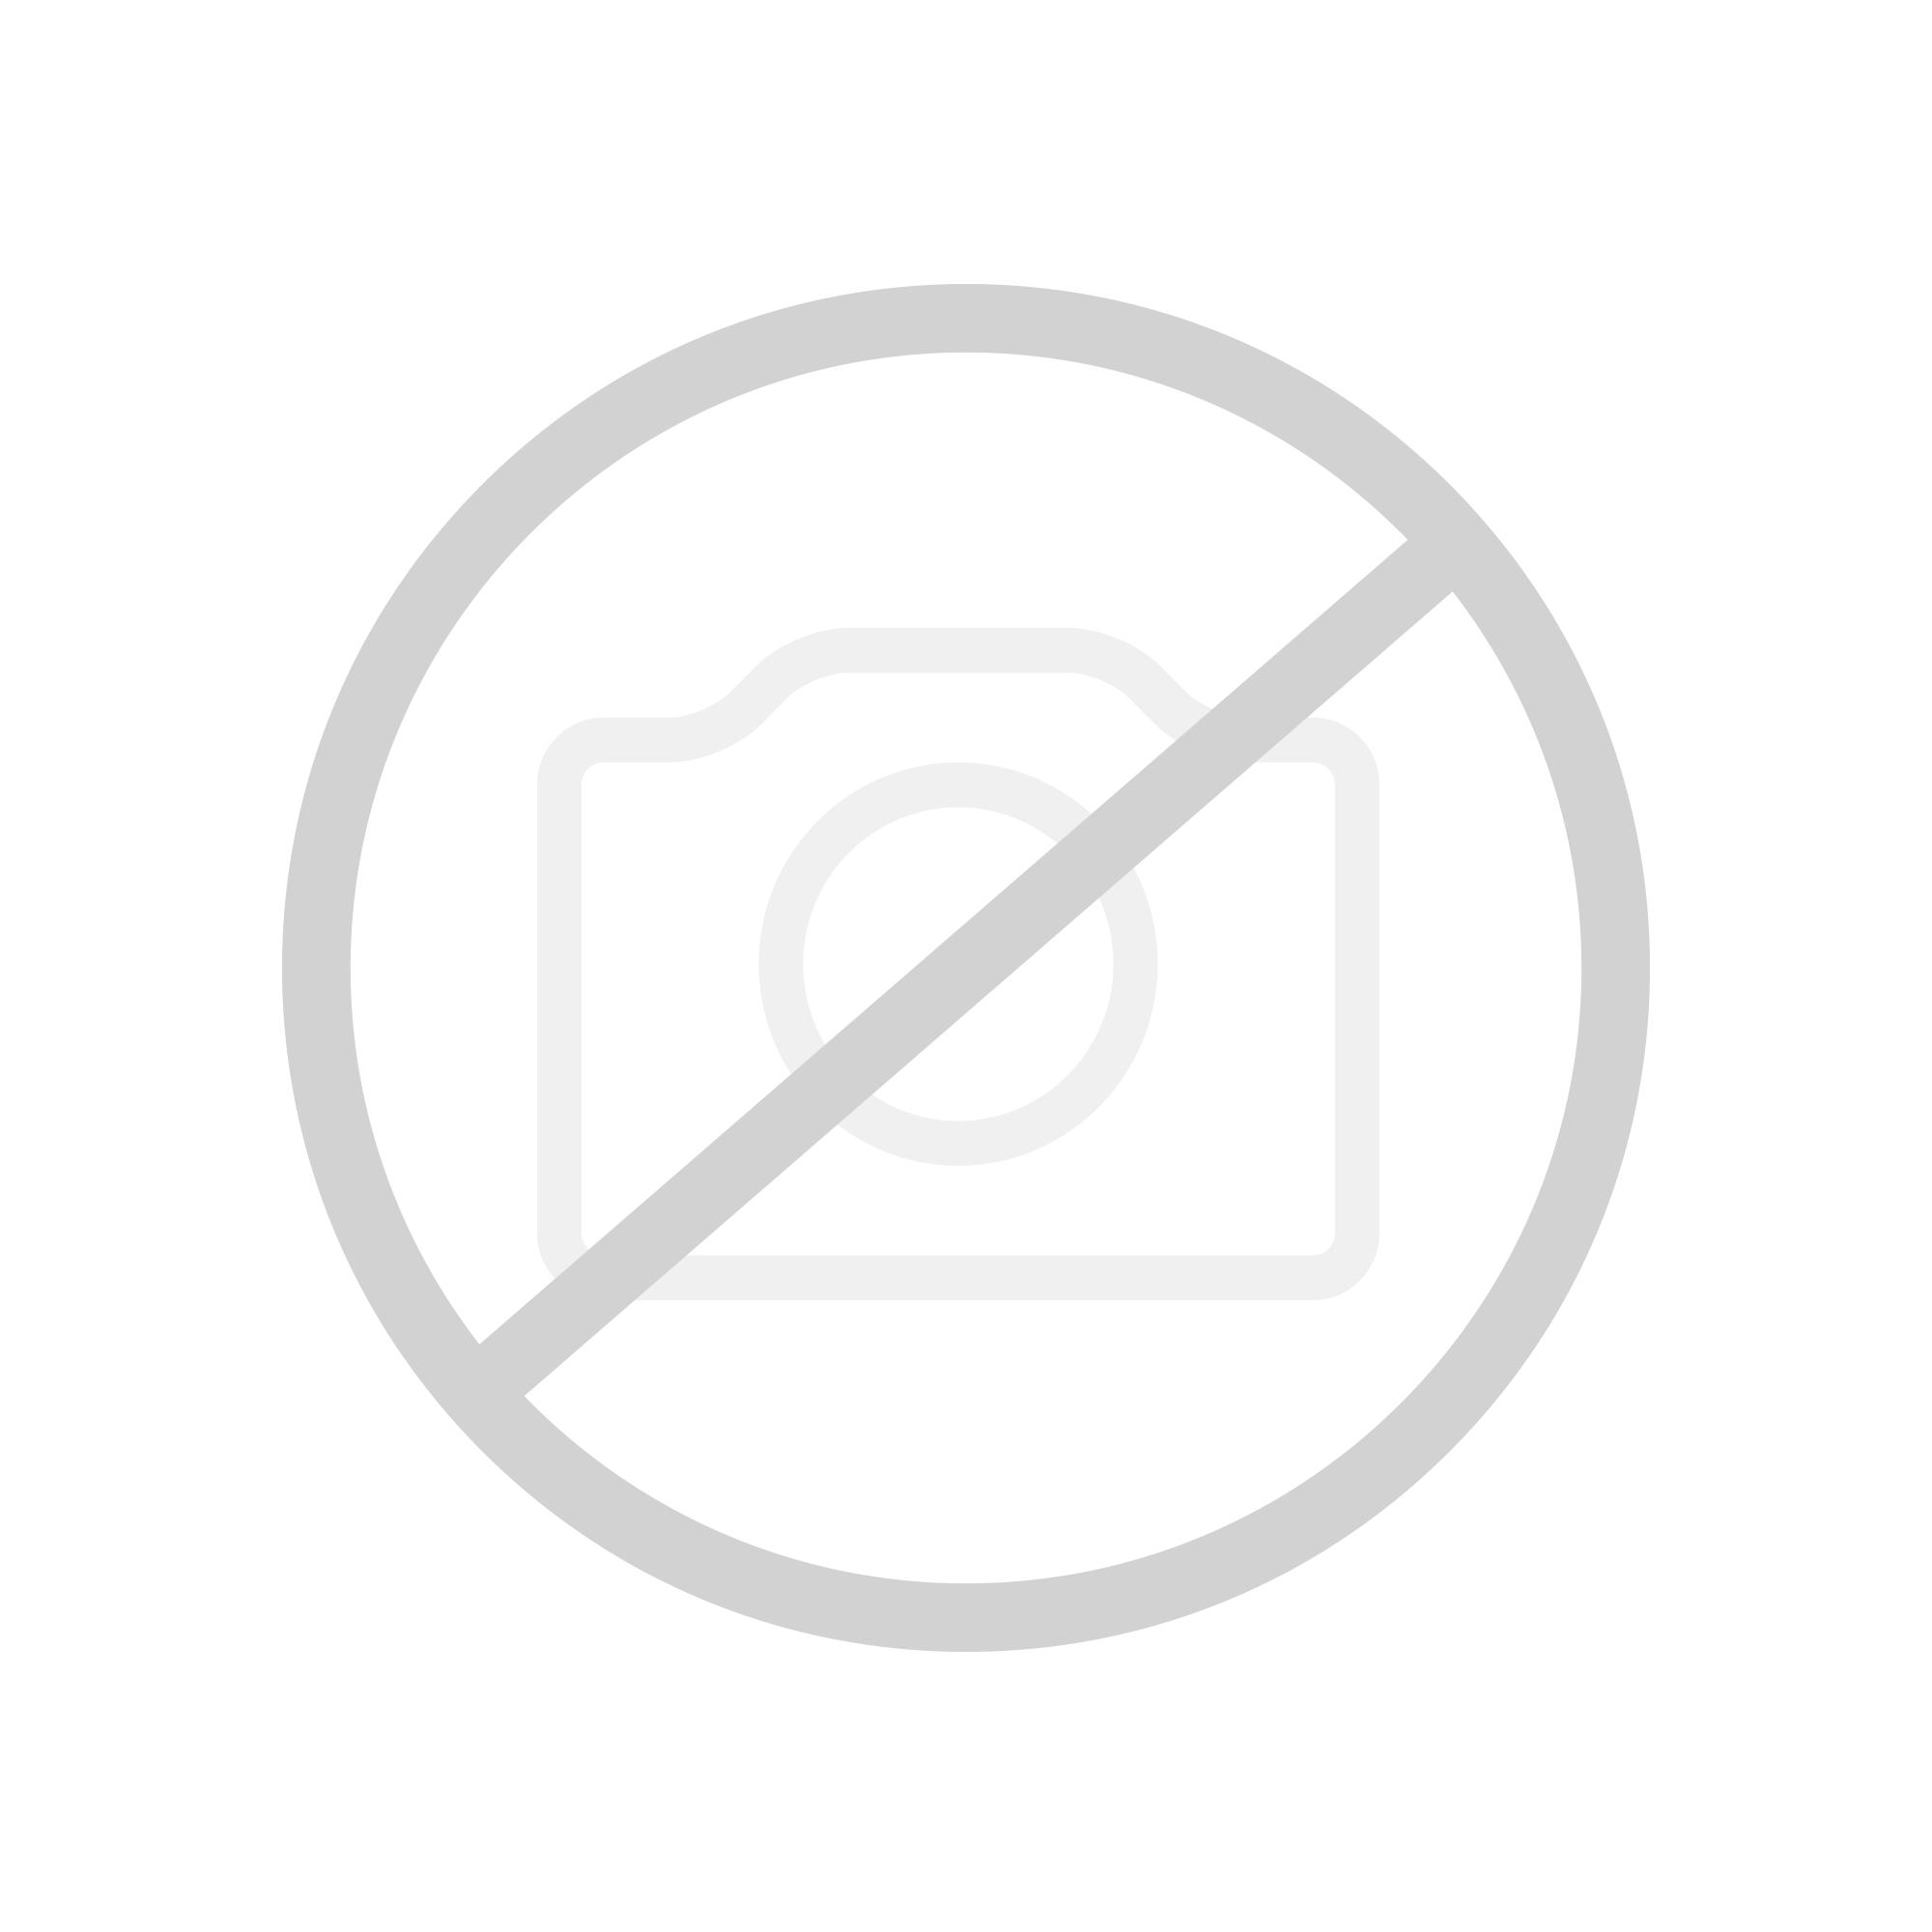 blanco linus s einhebelmischer ausladung 219 mm f r. Black Bedroom Furniture Sets. Home Design Ideas